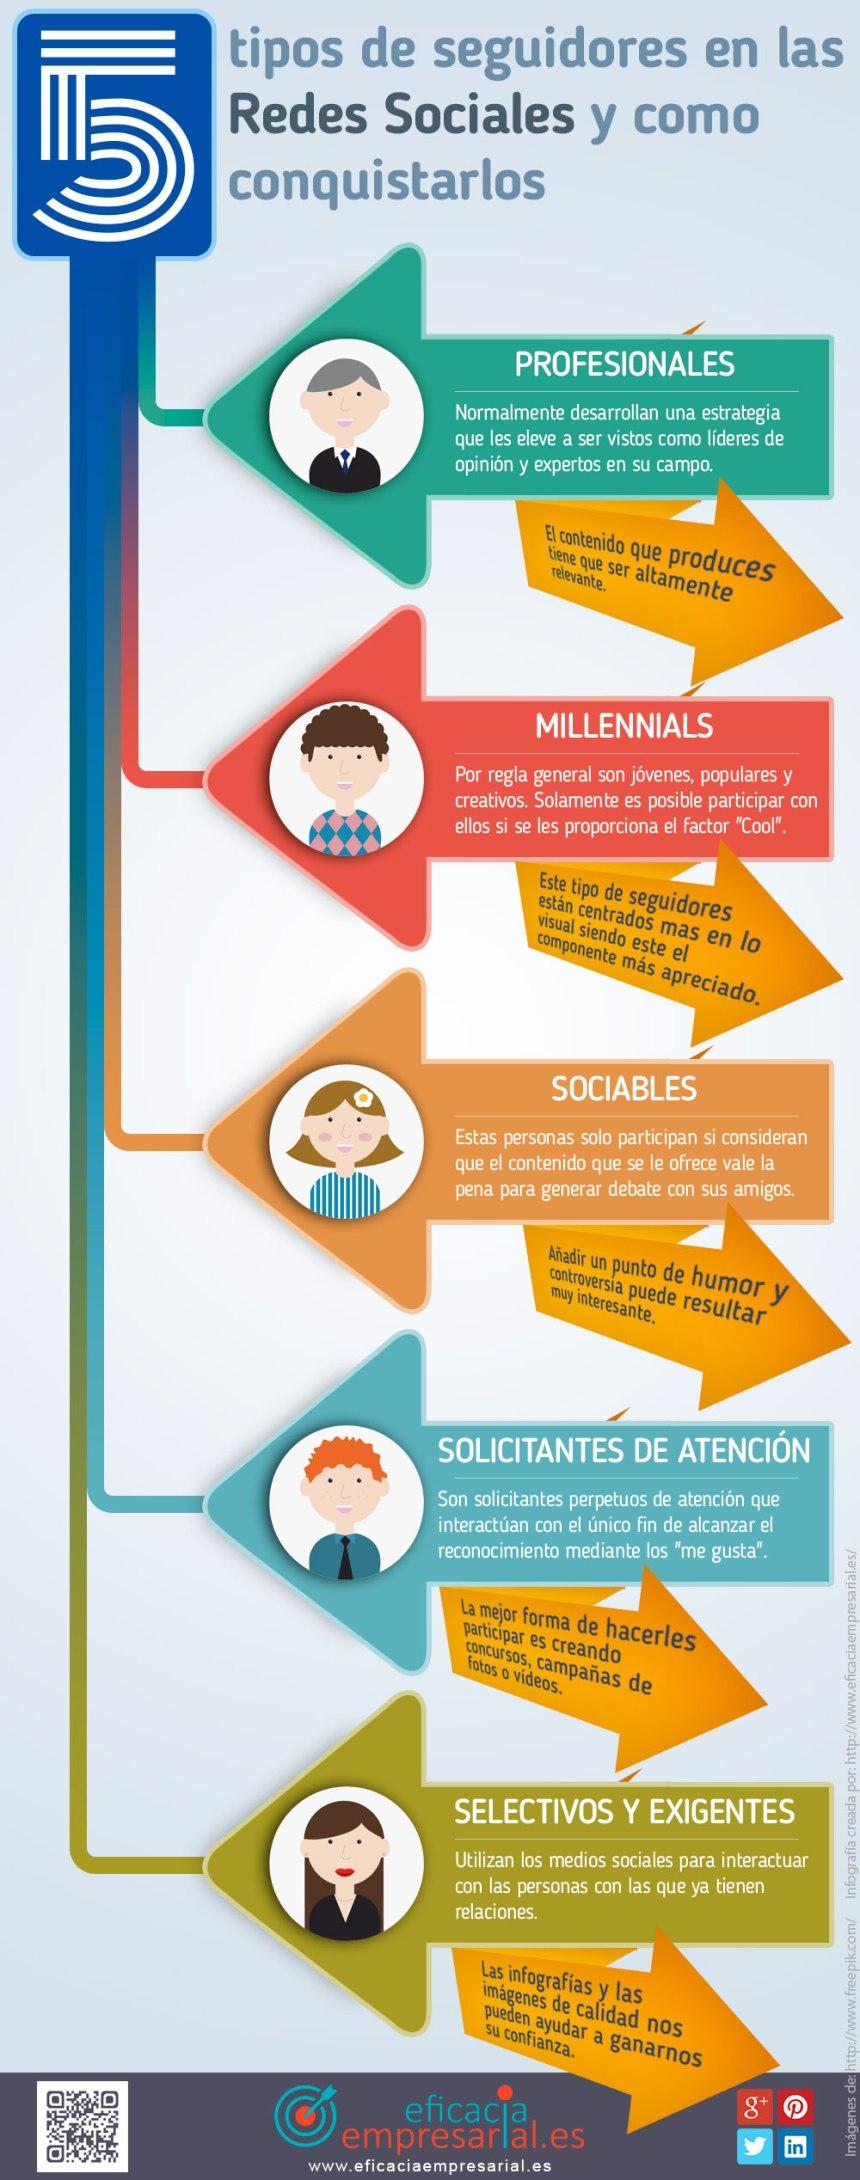 5 tipos de seguidores en Redes Sociales y cómo conquistarlos